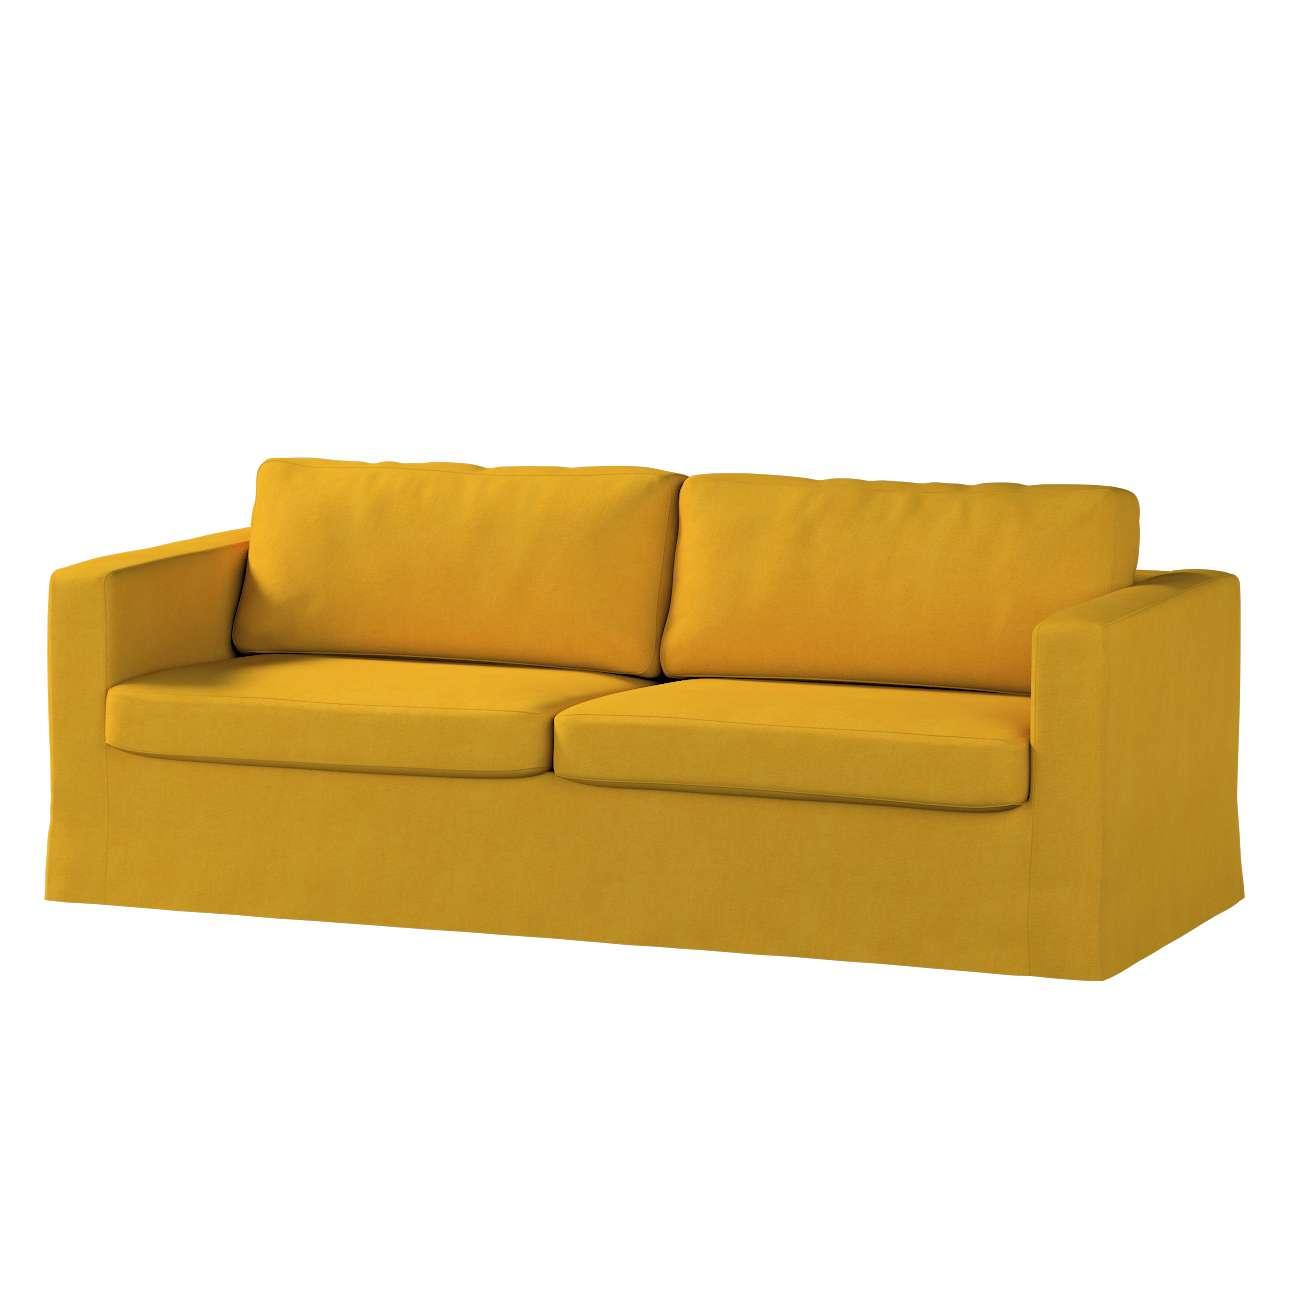 Poťah na sedačku Karlstad (nerozkladá sa, pre 3 osoby, dlhá) Poťah na sedačku Karlstad - pre 3 osoby, nerozkladá sa, dlhá V kolekcii Etna, tkanina: 705-04